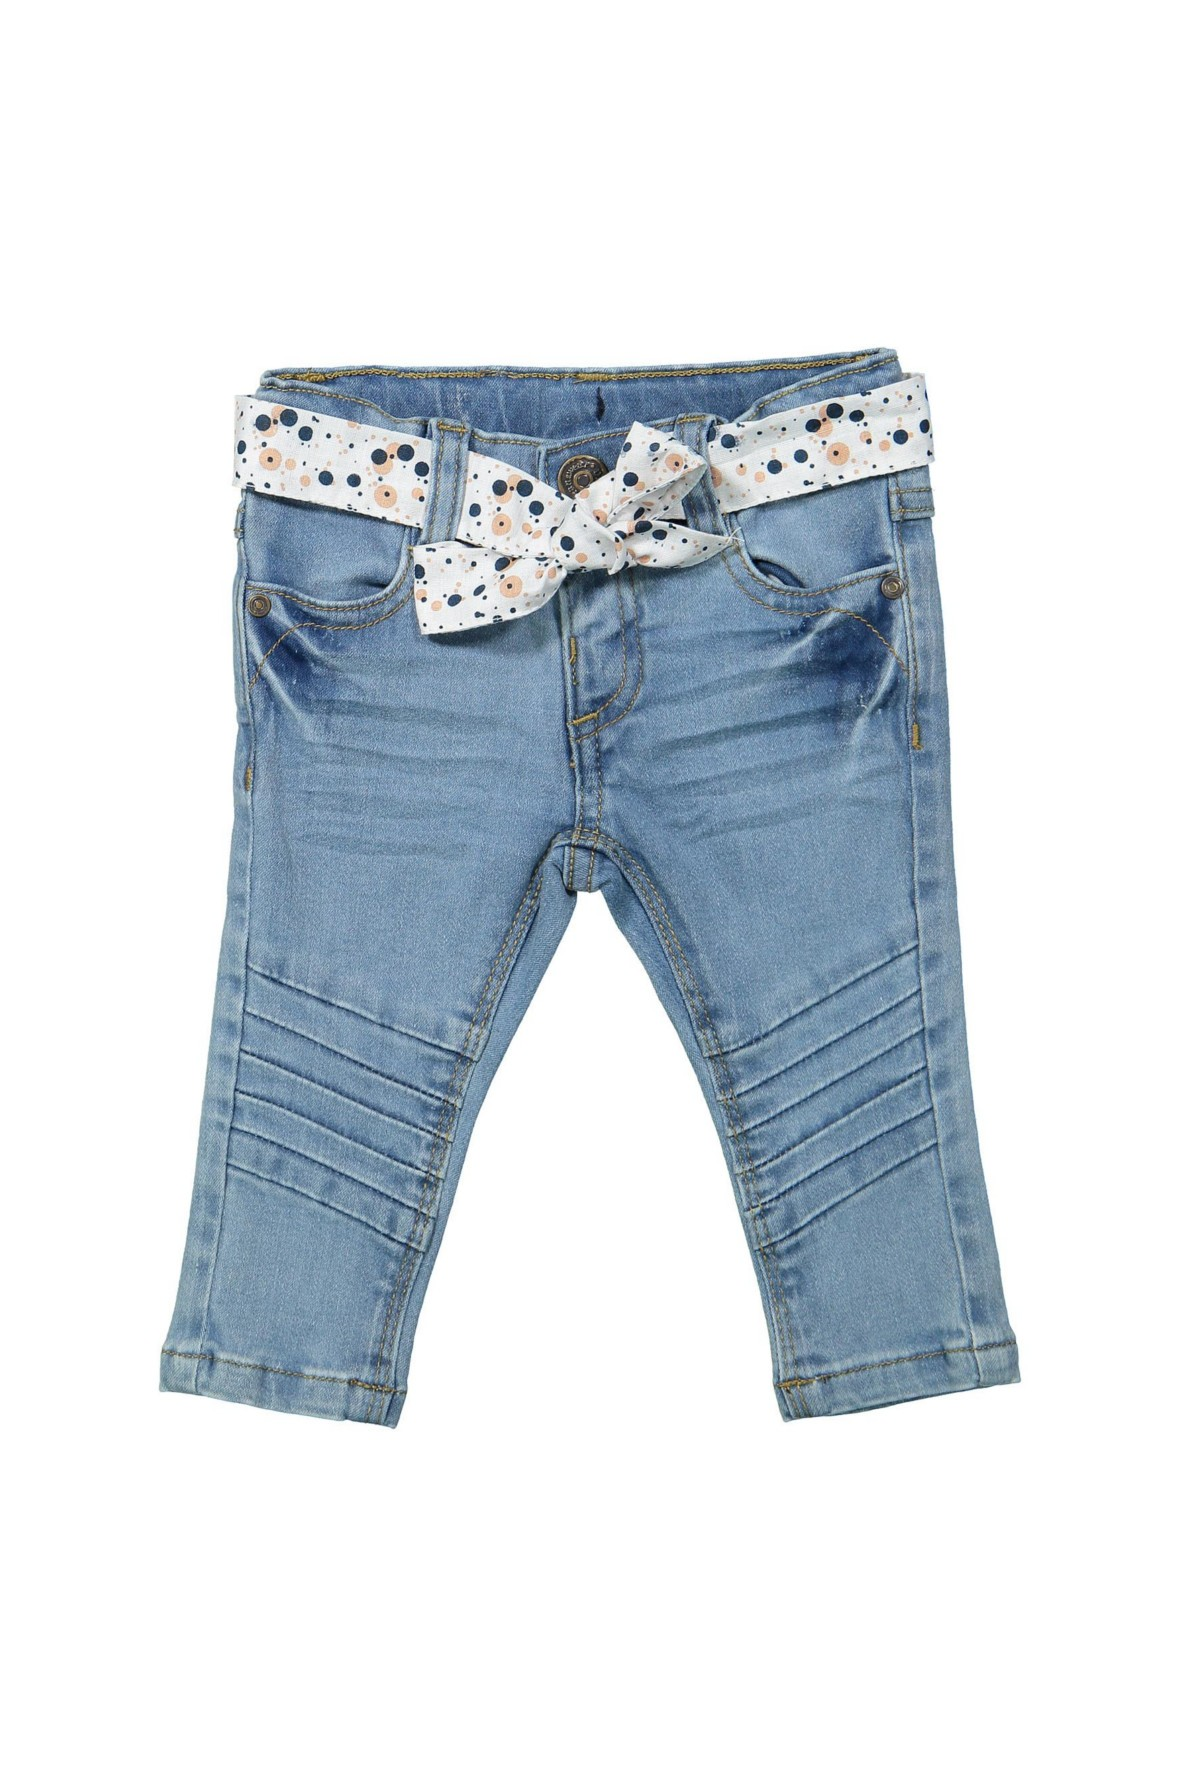 Spodnie dziewczęce jeansowe z przeszyciami na kolanach